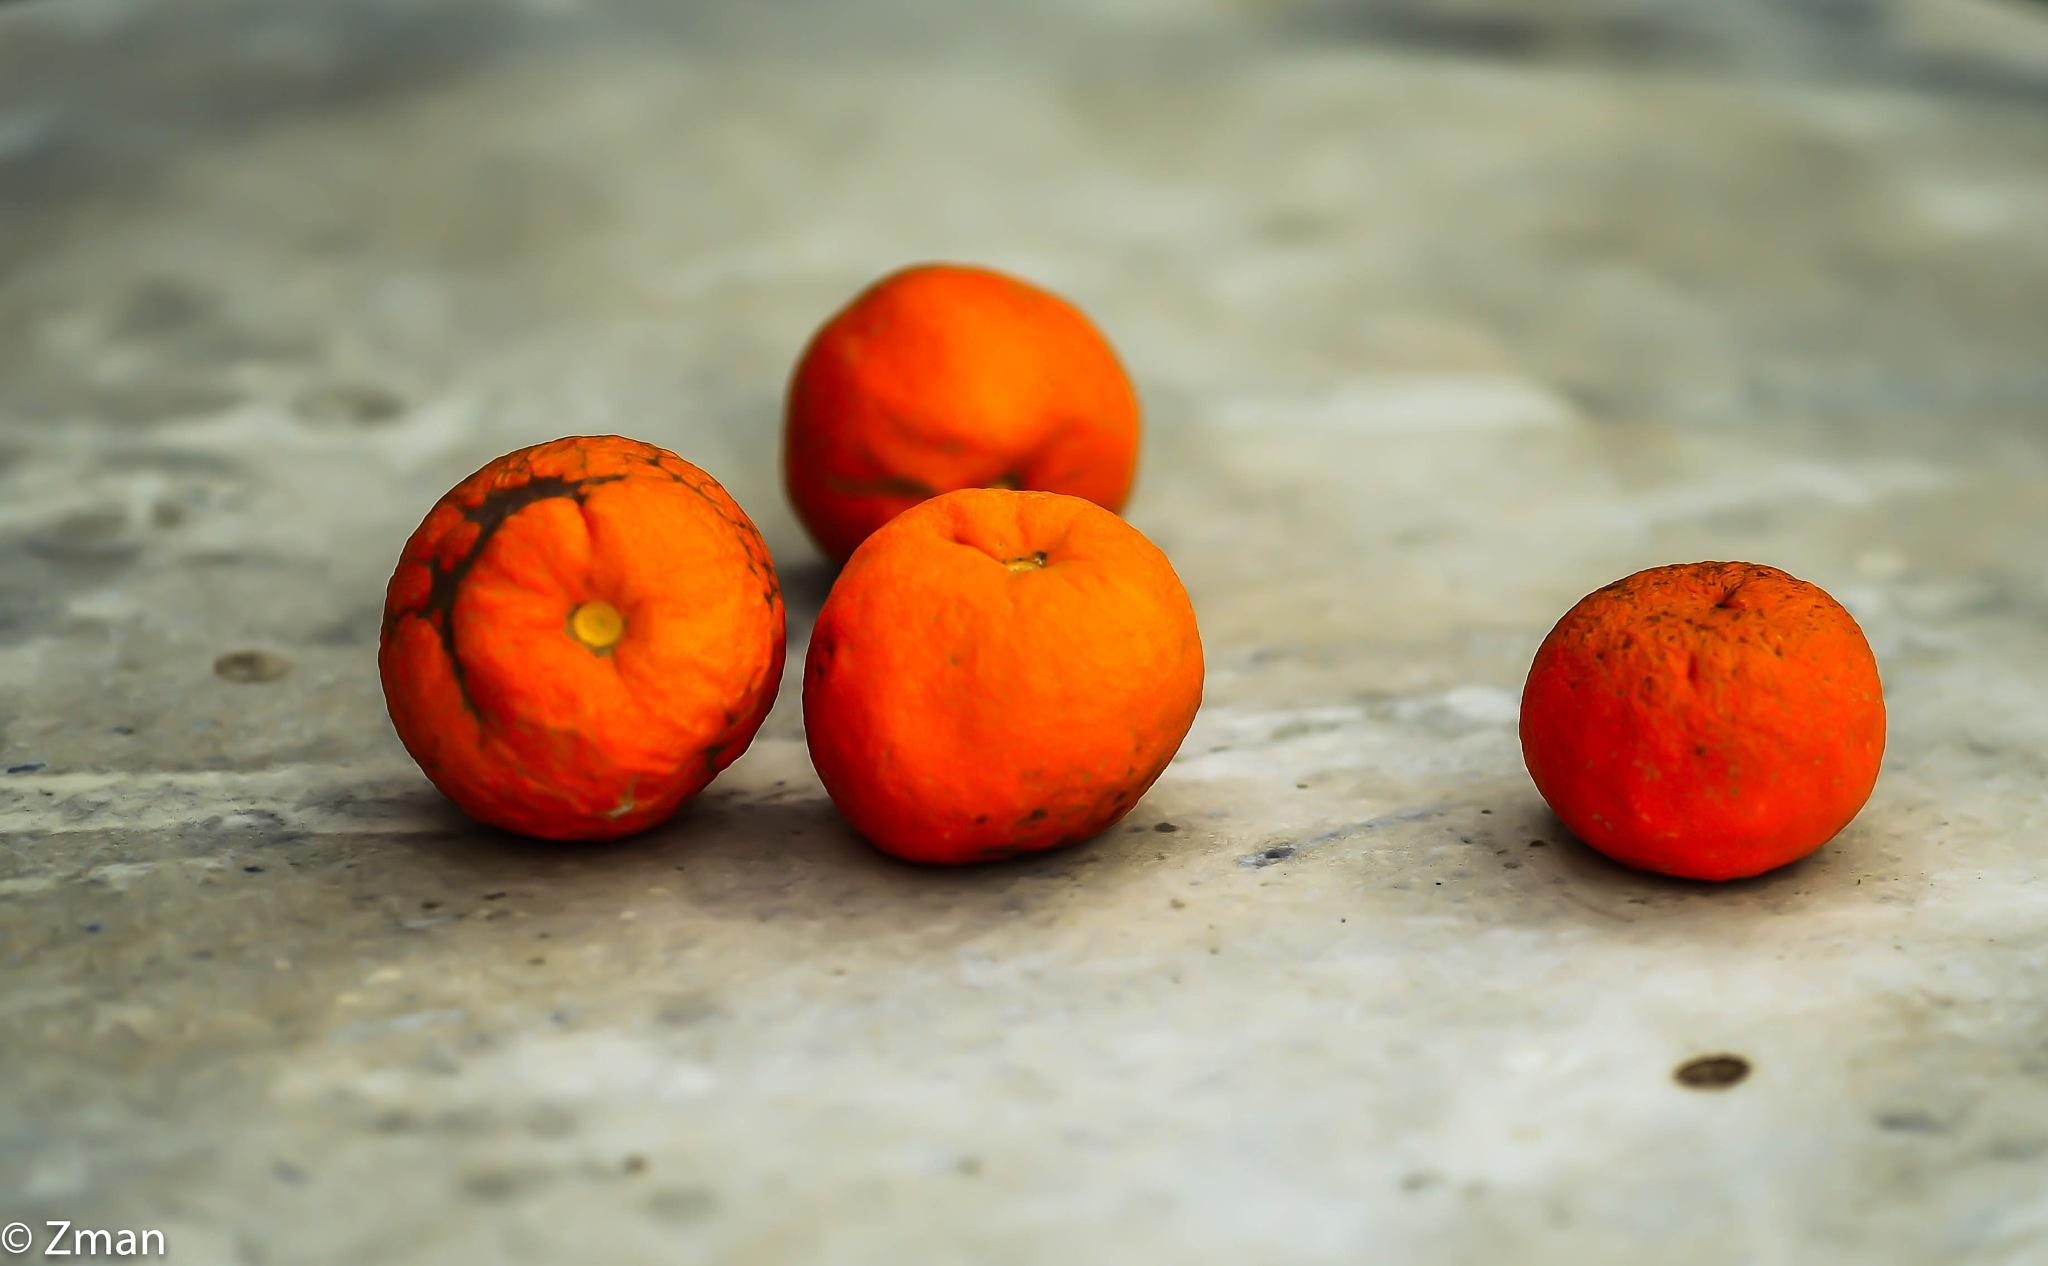 4 Oranges by muhammad.nasser.963